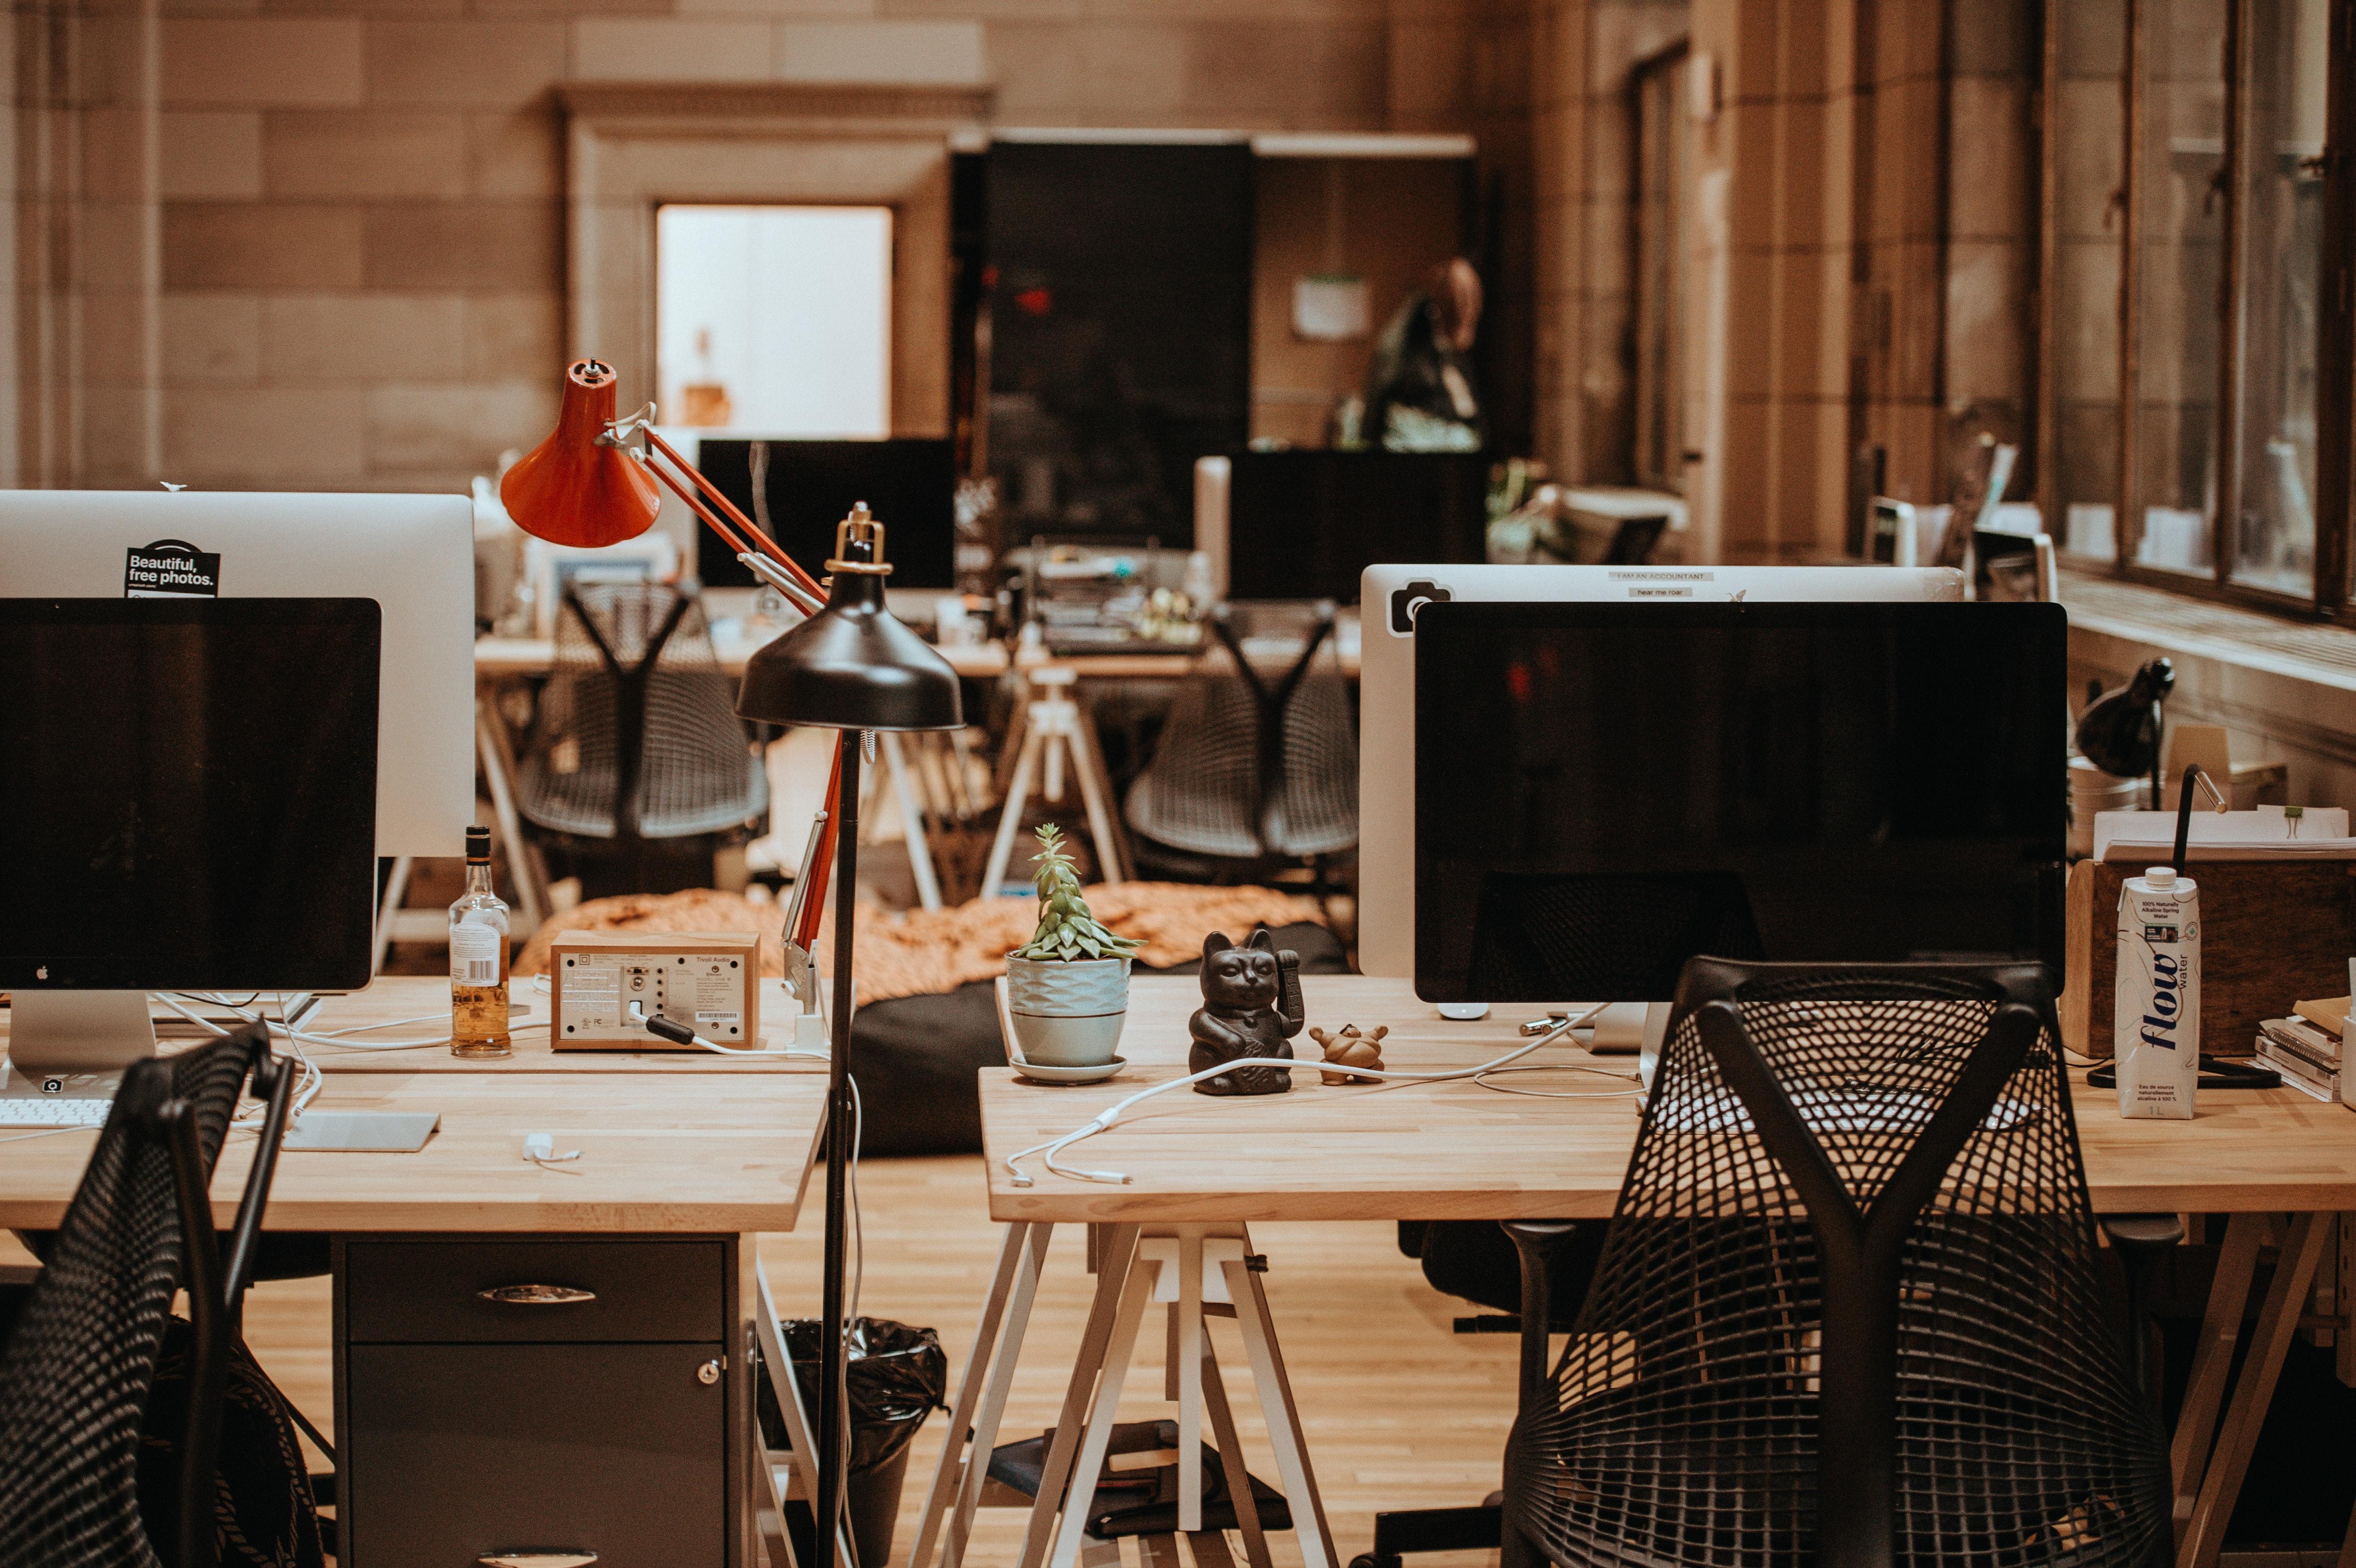 Le soluzioni di Mist Systems per il ritorno sul luogo di lavoro